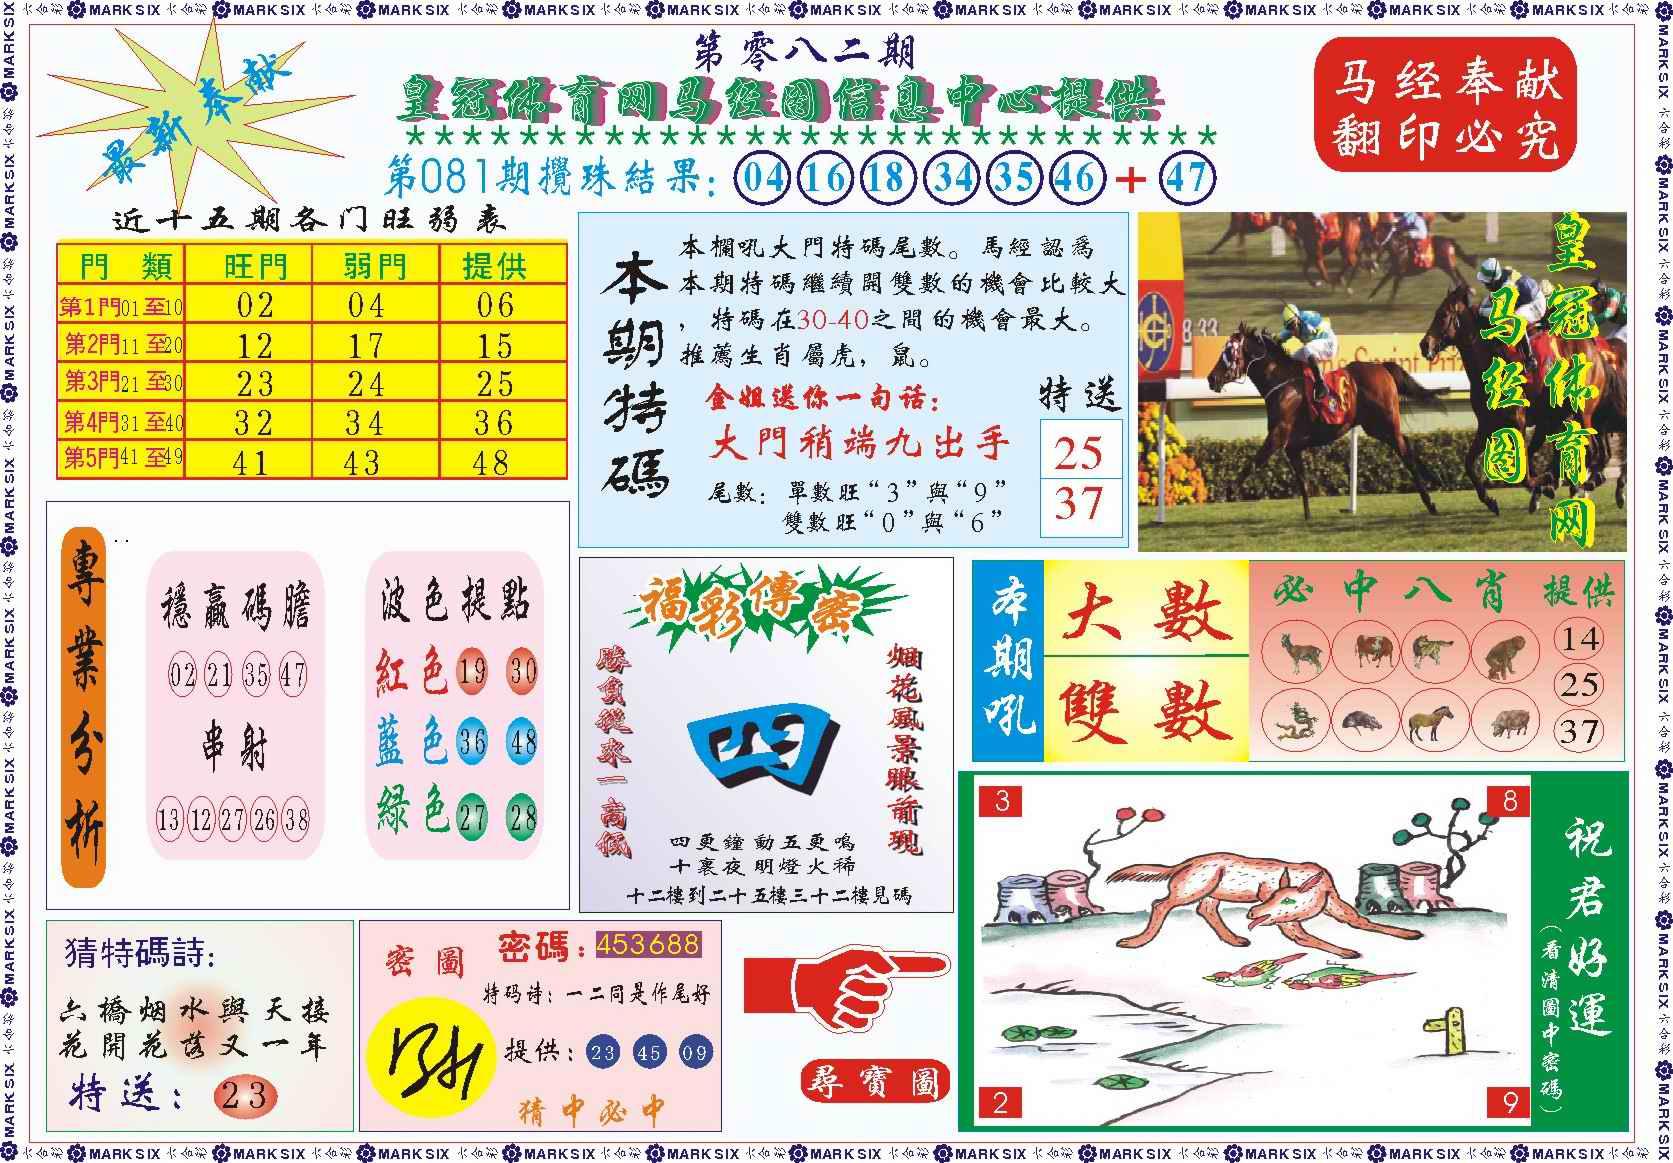 082期皇冠体育网马经图记录